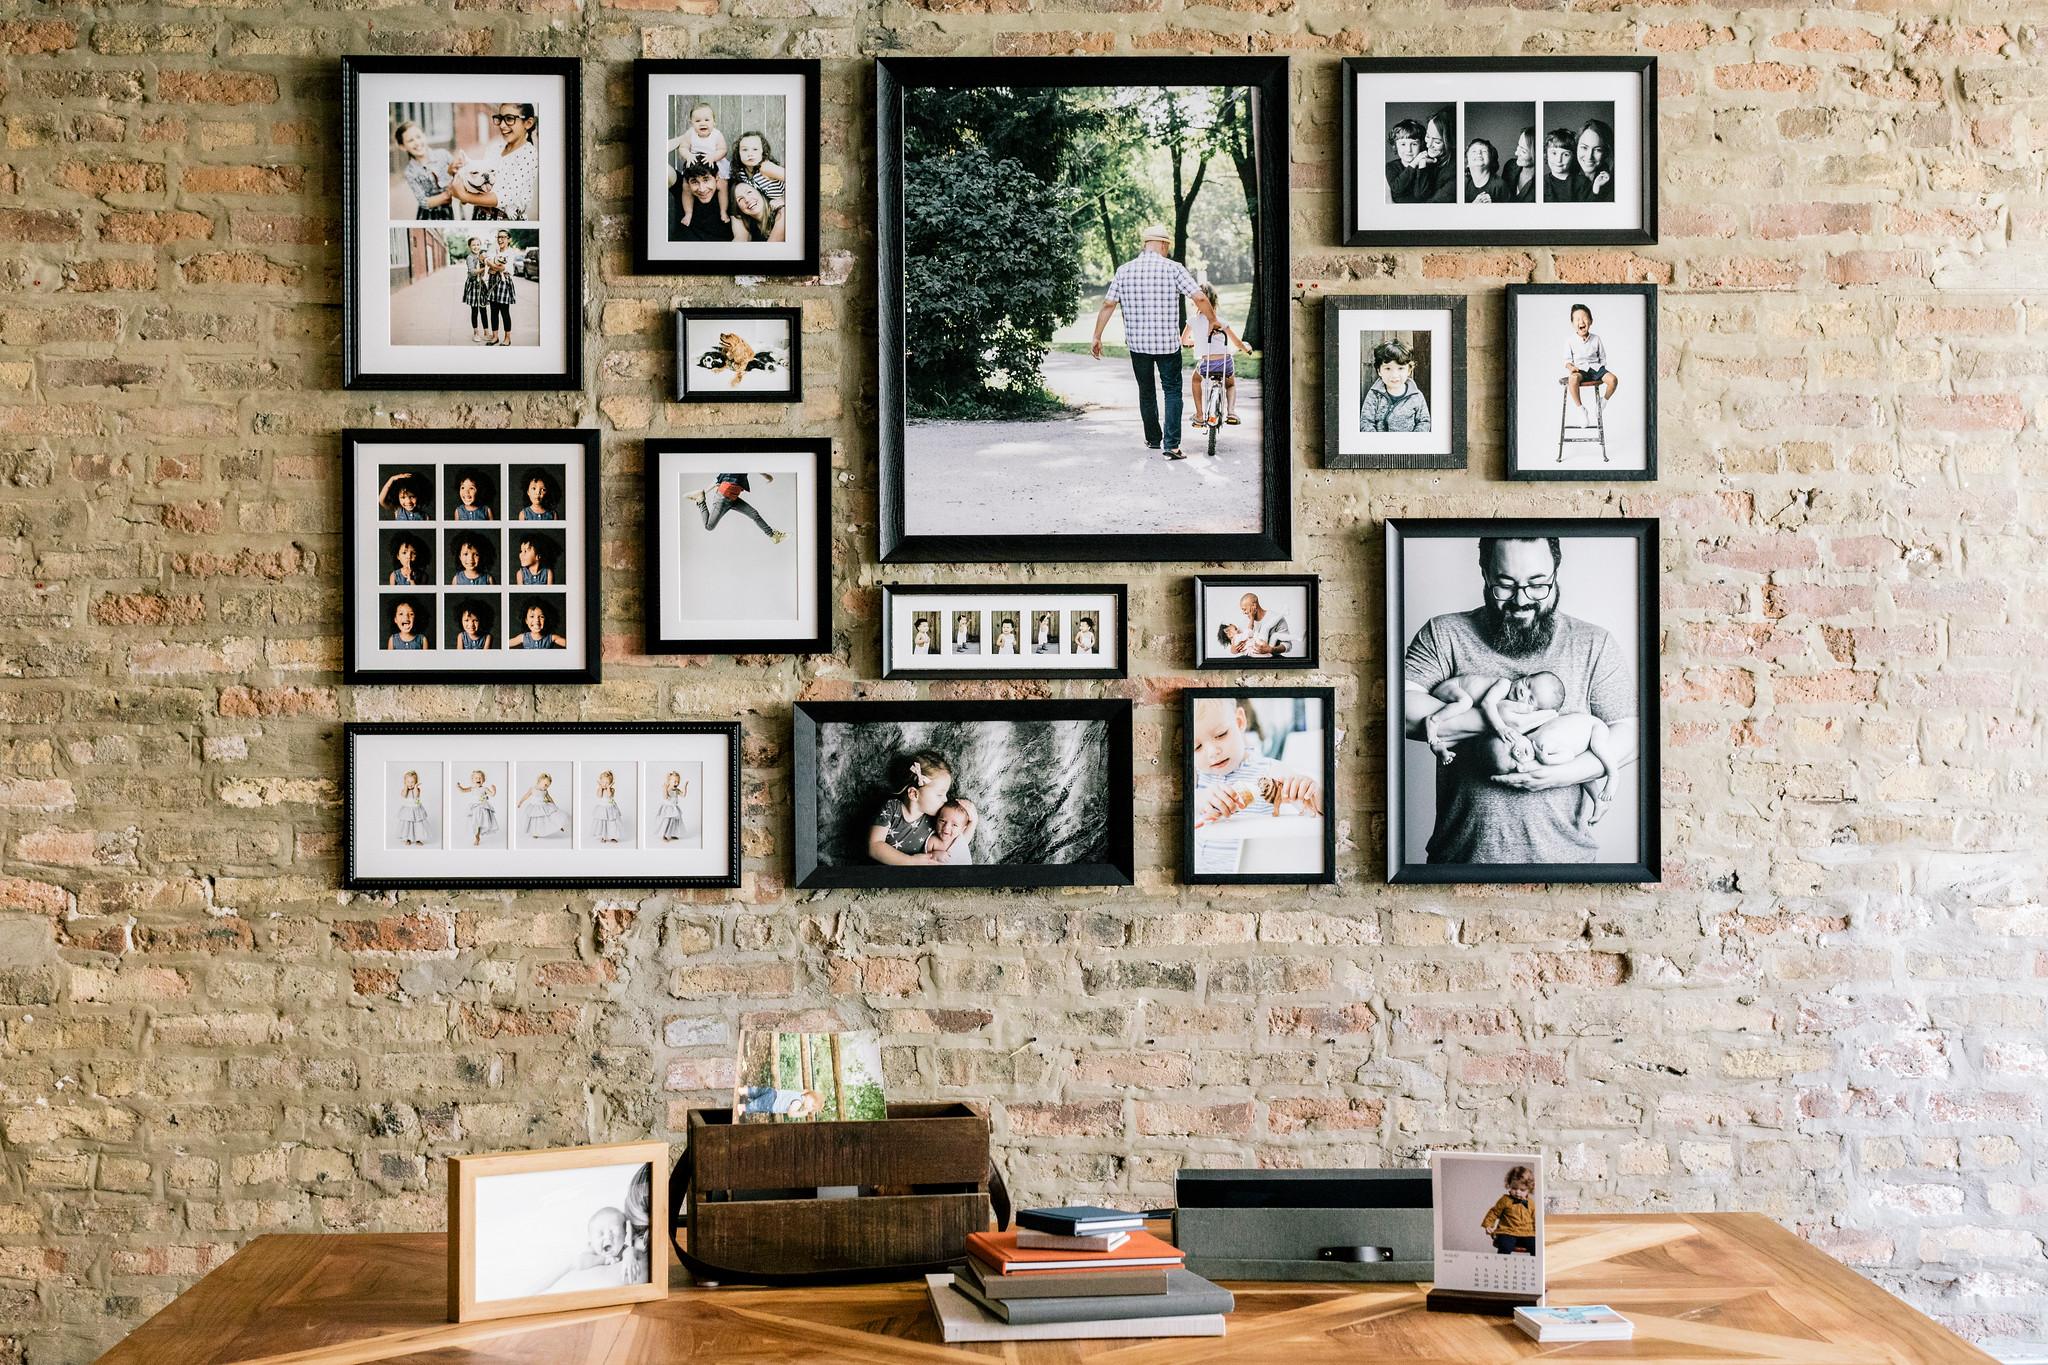 gallerywalldesign